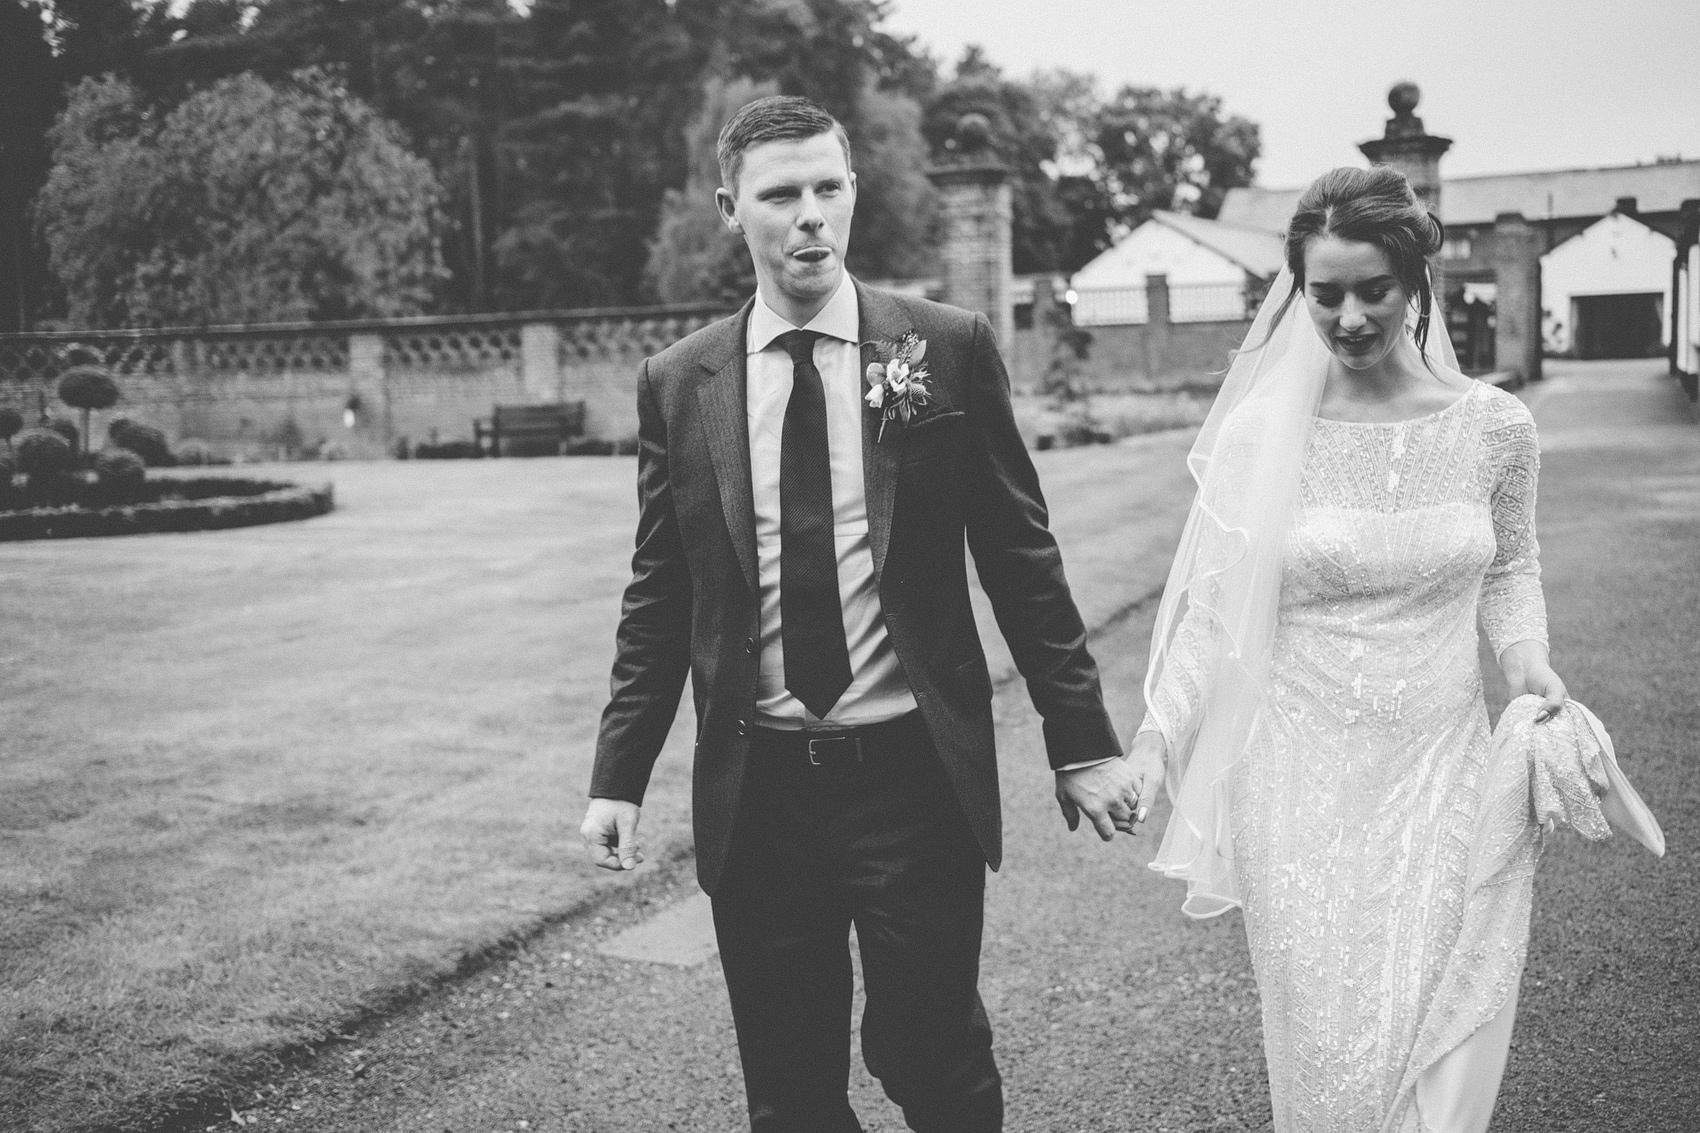 Inglewood_Manor_Wedding_Photography_-_Claire_Basiuk_Cheshire_Photographer_-_39_24.jpg